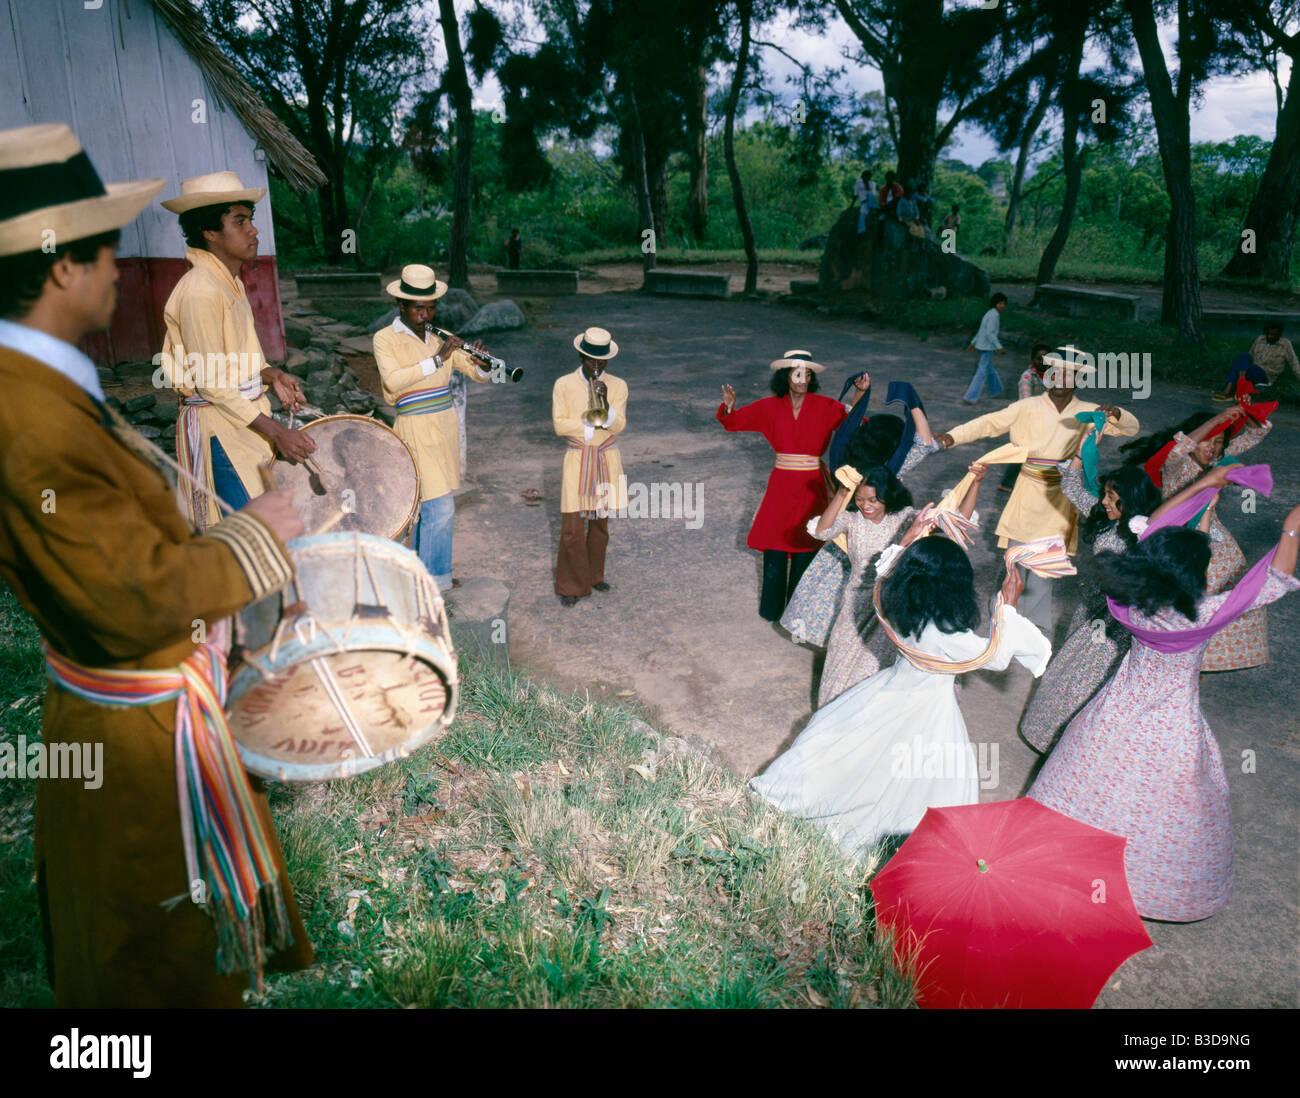 Folklore madagascar performance di danza tradizionale a Madagascar Madagascar Africa popolo malgascio terzo world Immagini Stock